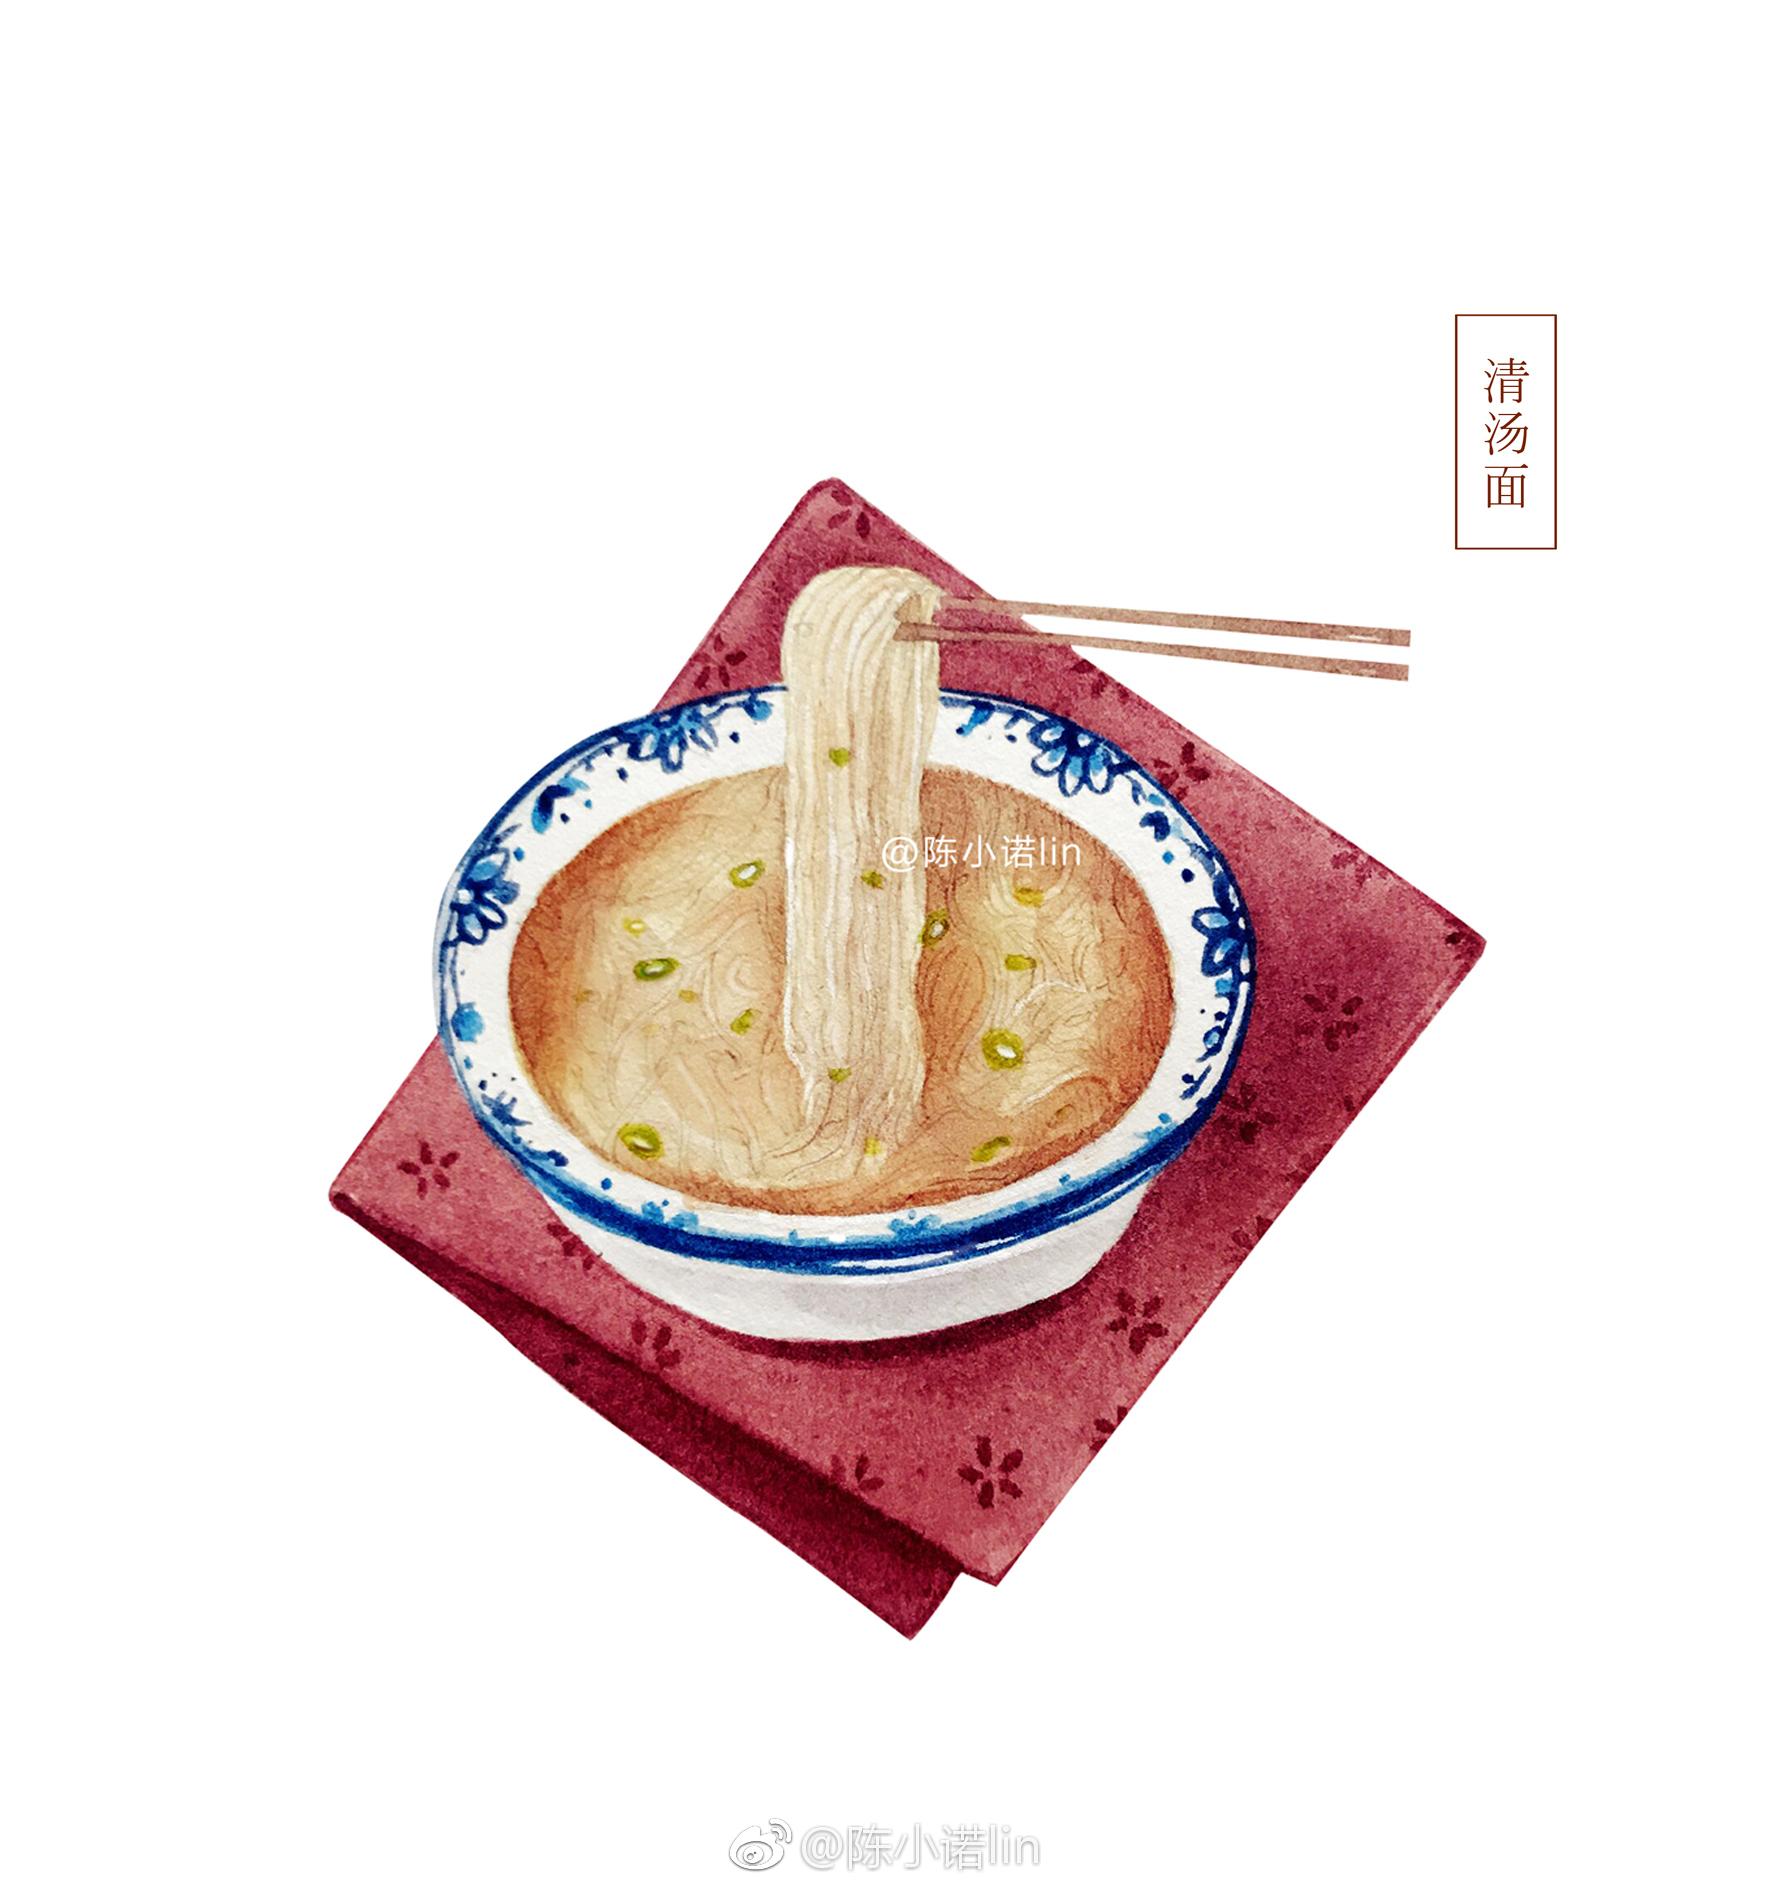 手绘家乡美食✨  (作者:@陈小诺lin  )